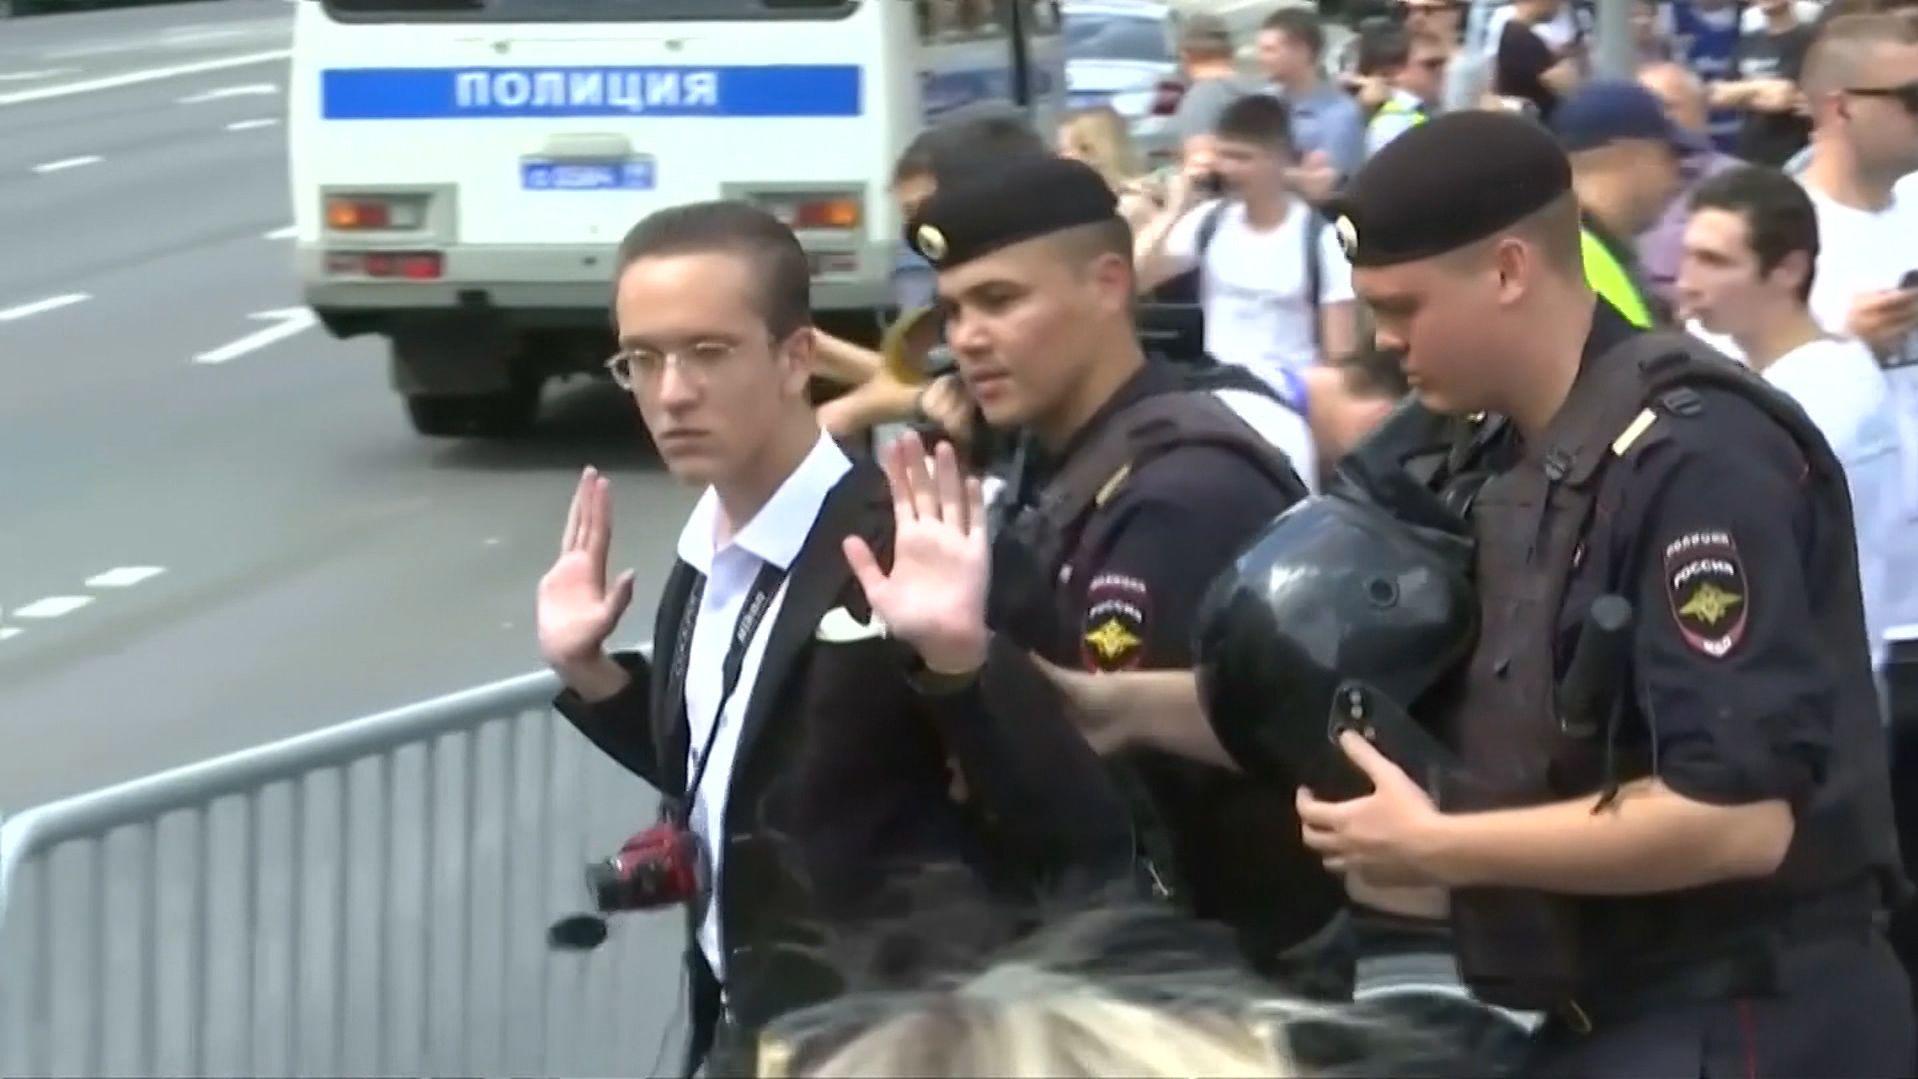 Polizei führt jungen Mann ab